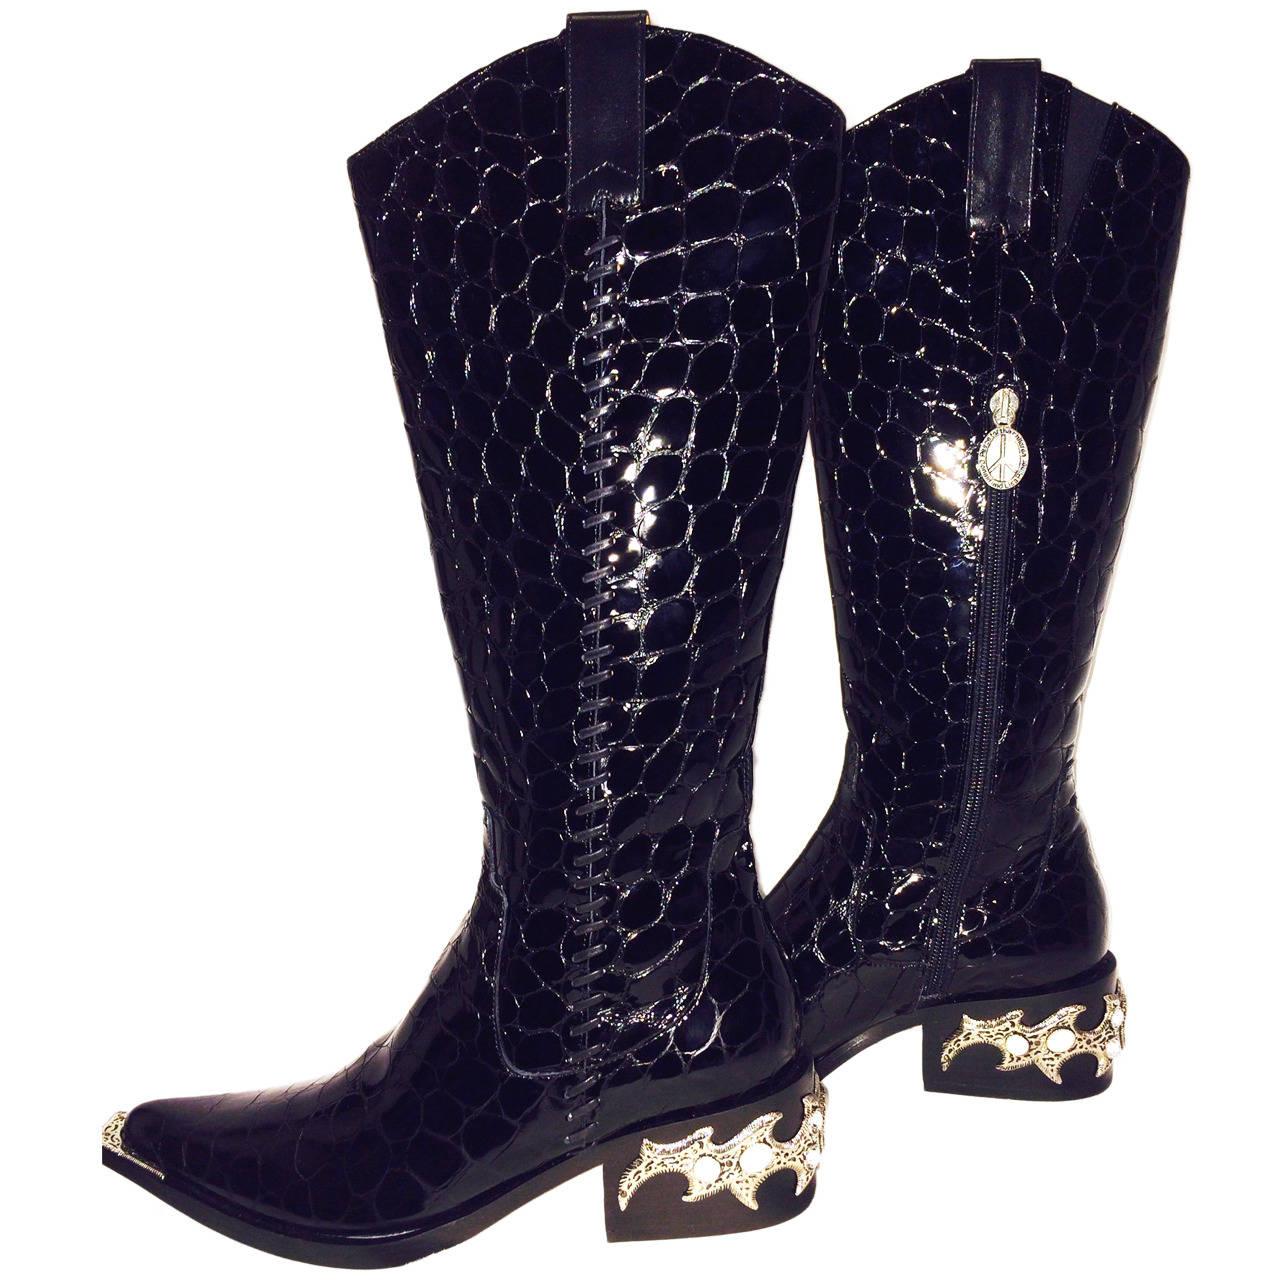 Donald Pliner Quot Western Couture Collection Quot Black Patent